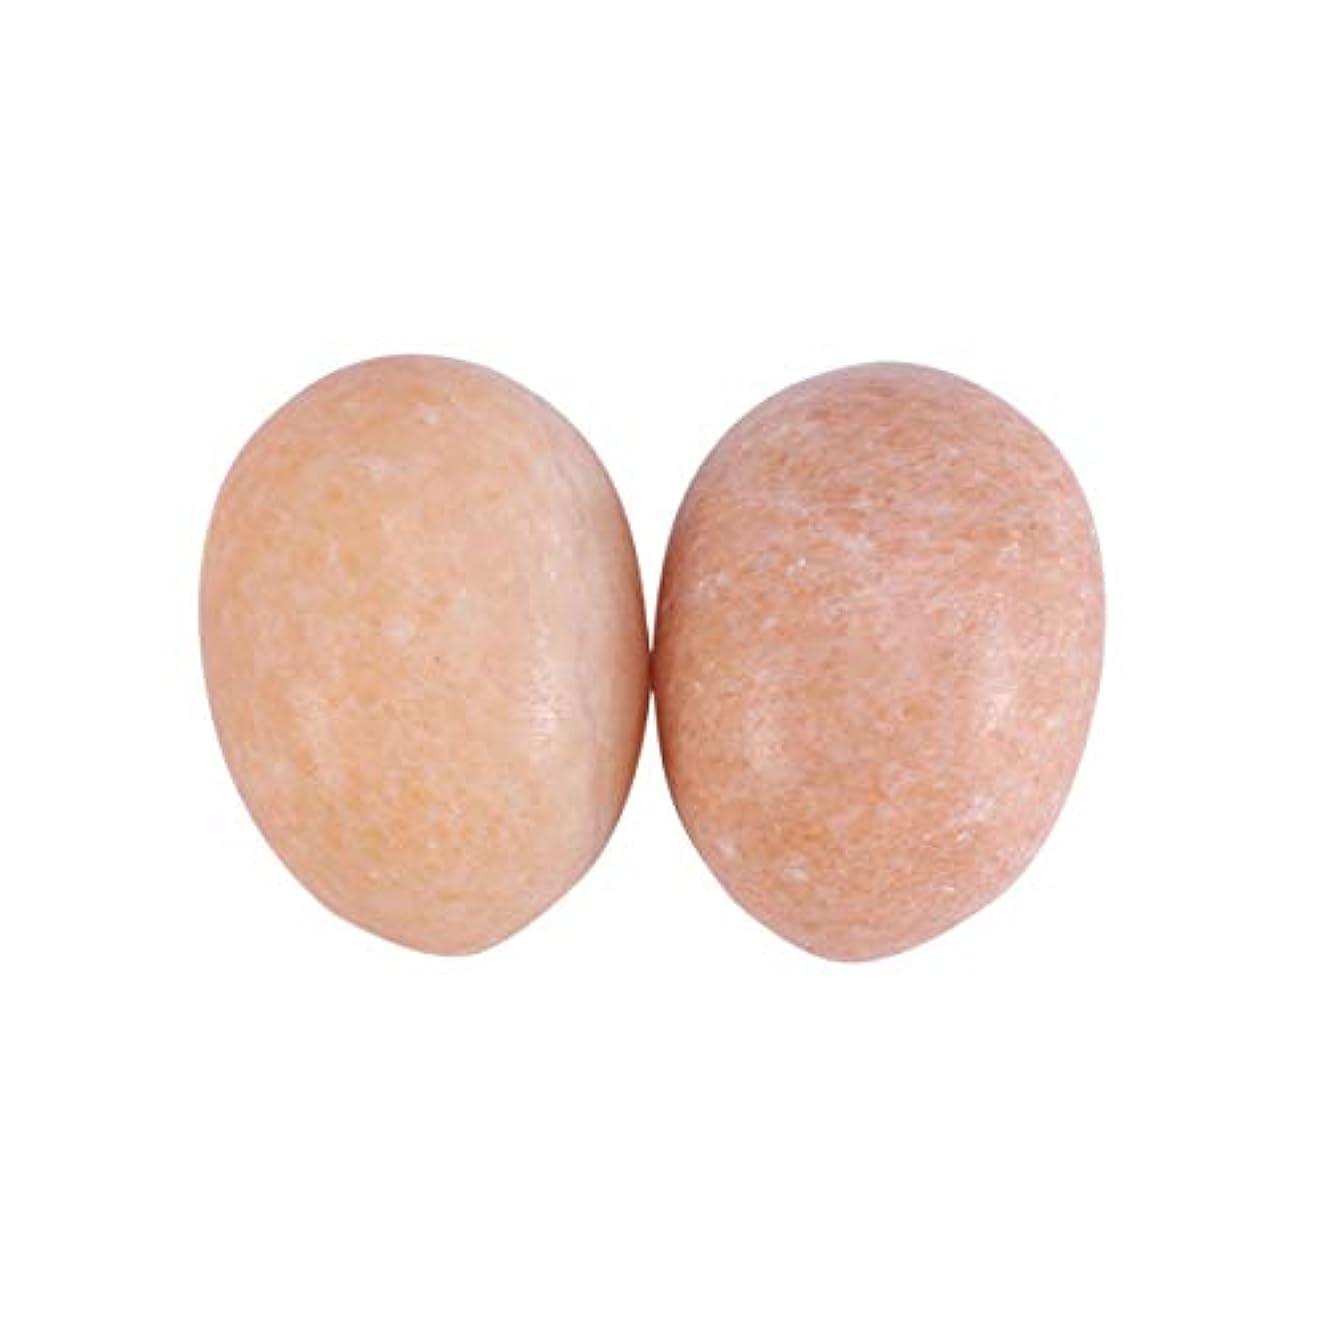 誘導パット現象Healifty 6PCS玉ヨニ卵マッサージ癒しの石のケゲル運動骨盤底筋運動(日没赤)